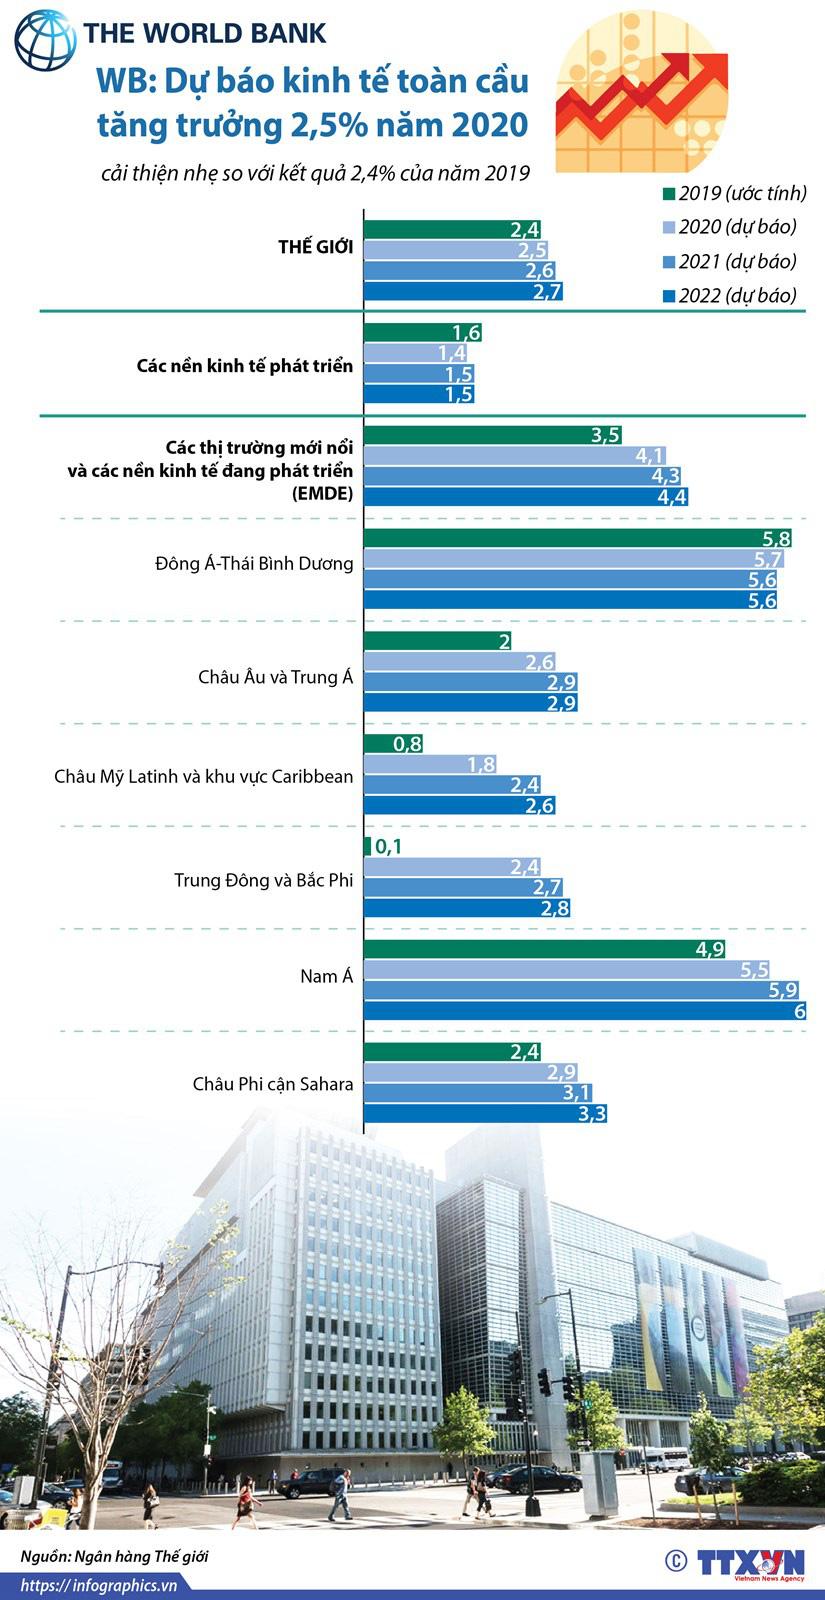 [Infographics] WB: Dự báo kinh tế toàn cầu tăng trưởng 2,5% năm 2020 - Ảnh 1.